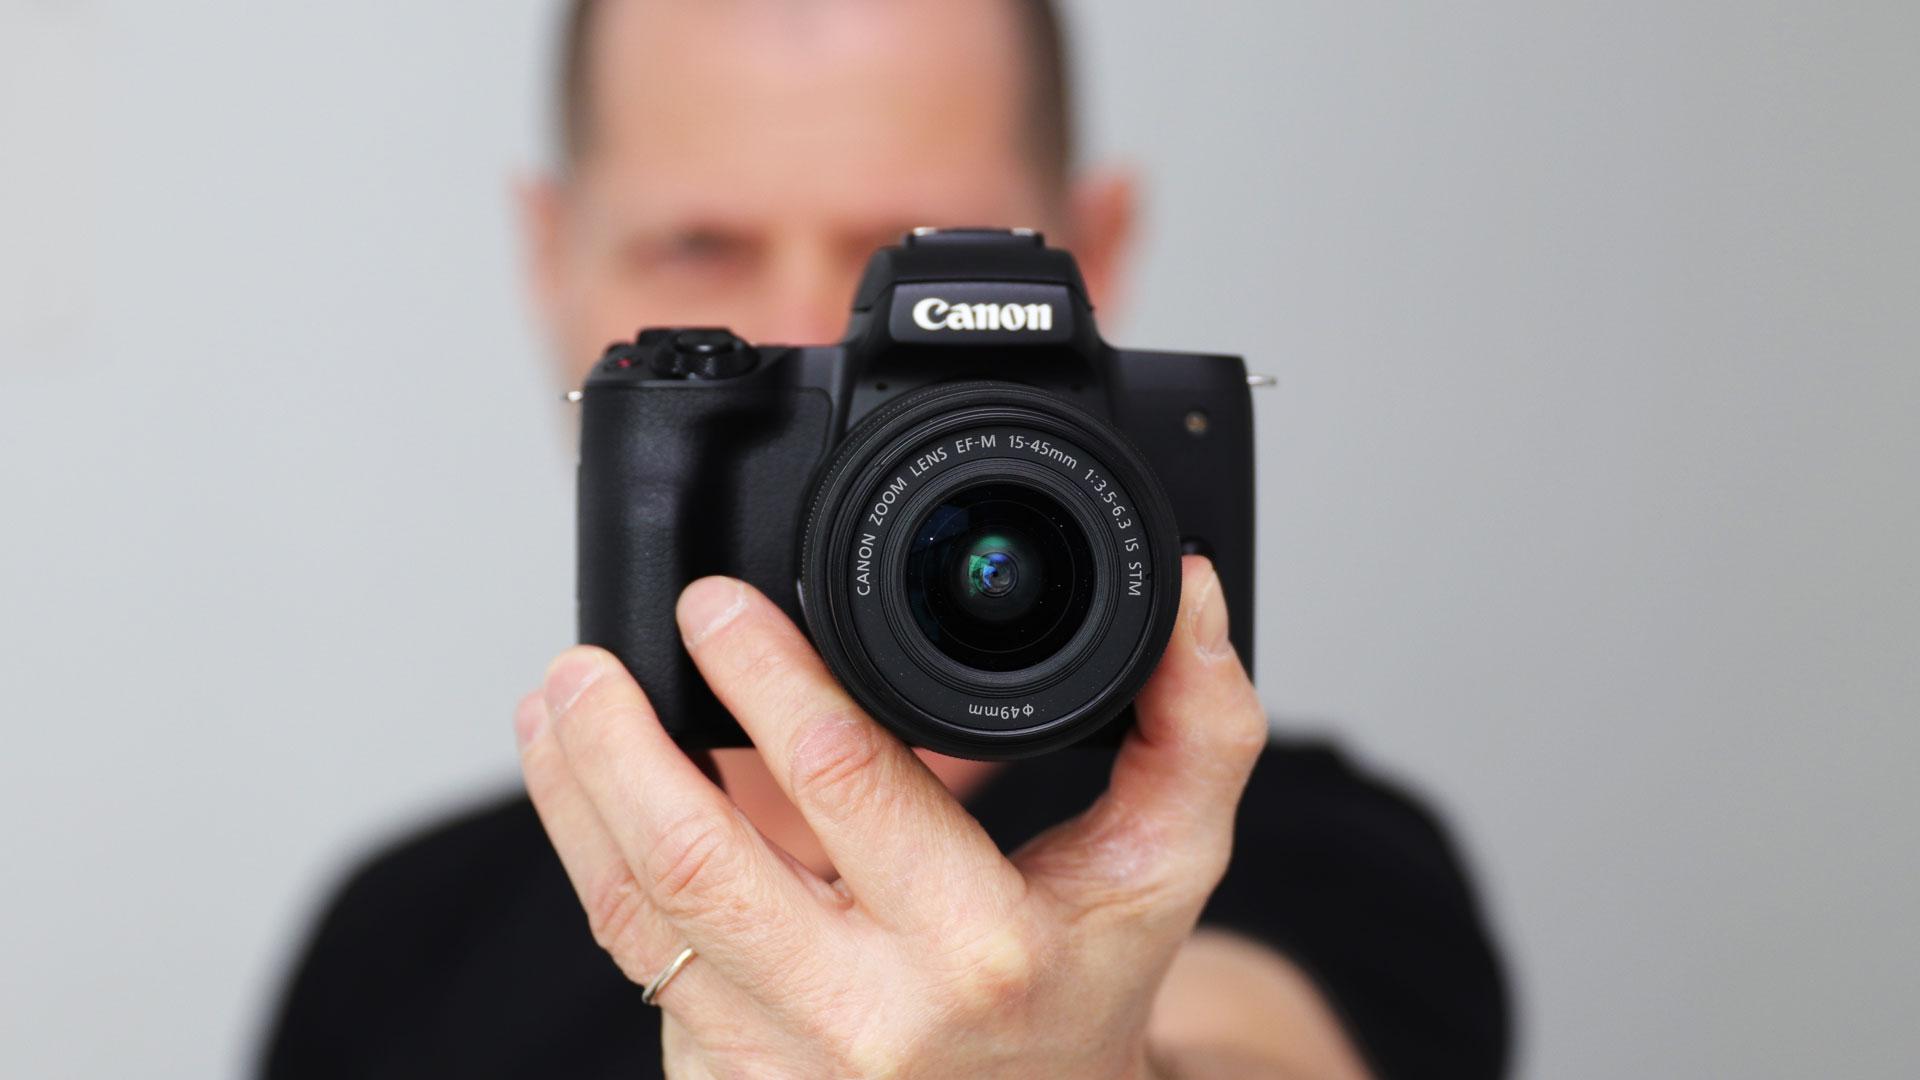 キヤノンがM50を発表 - 4K撮影が可能なミラーレスカメラ